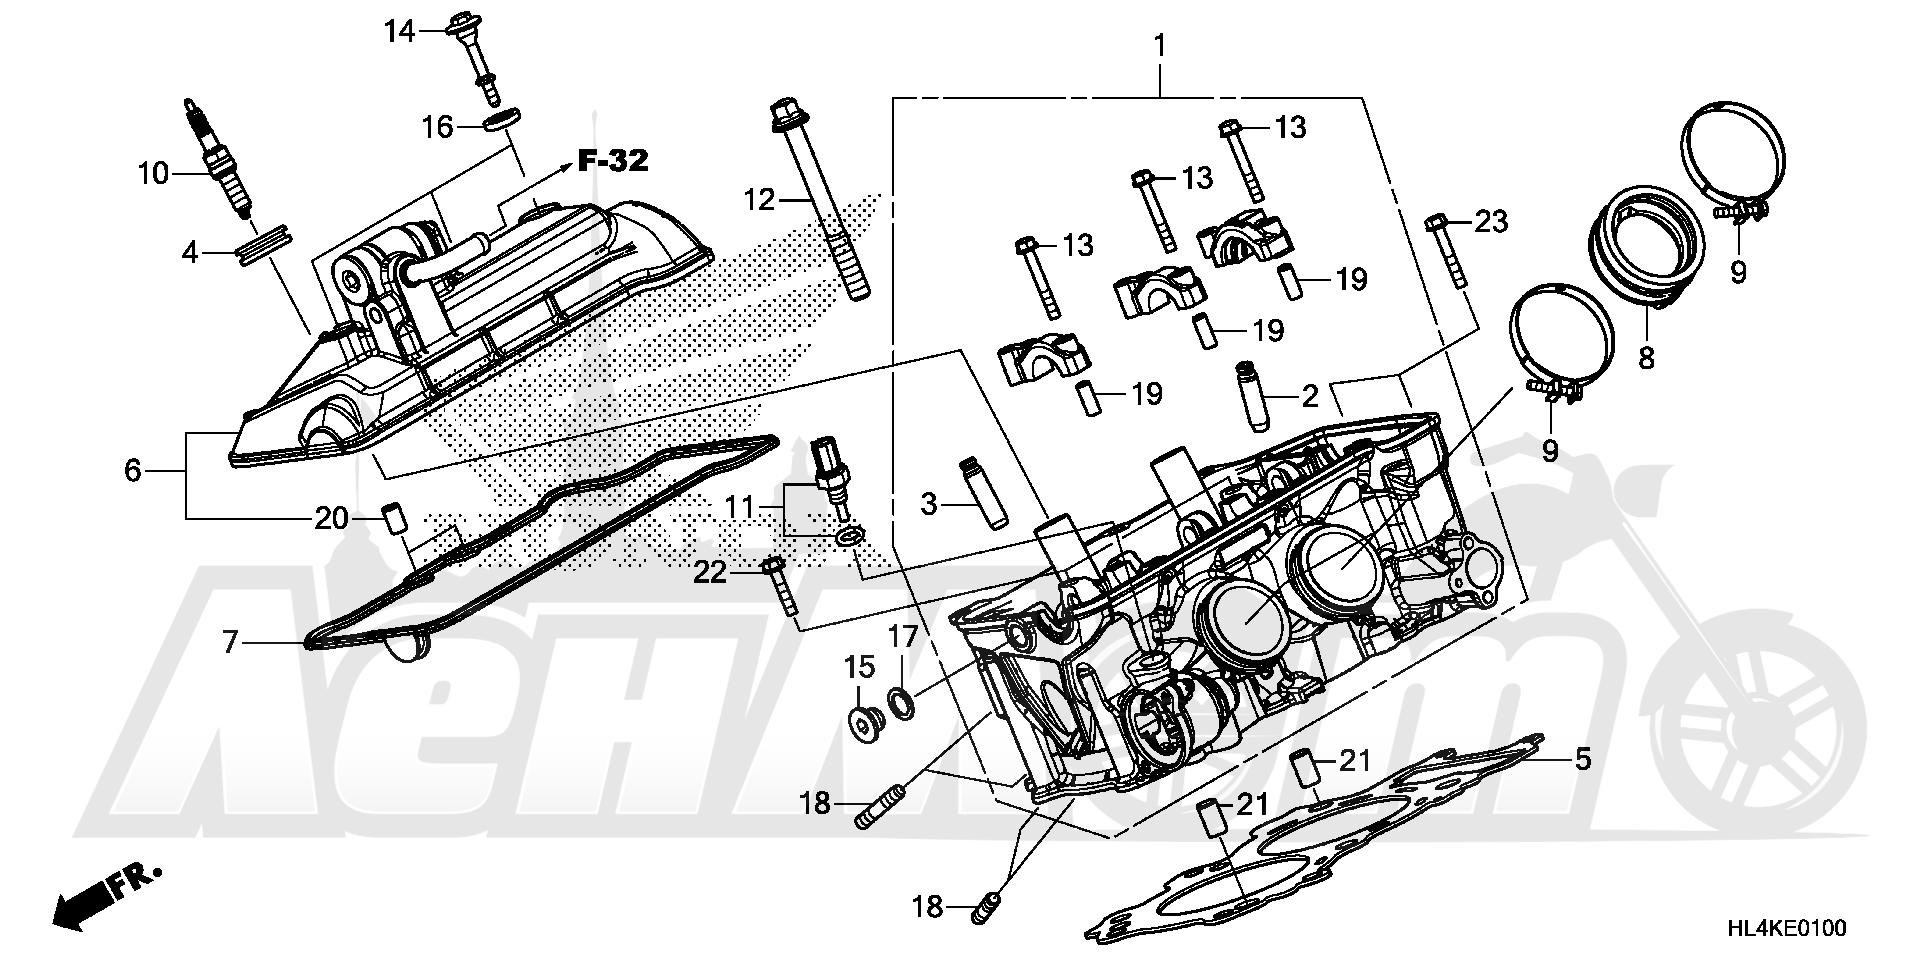 Запчасти для Квадроцикла Honda 2019 SXS1000M5D Раздел: CYLINDER HEAD | головка цилиндра